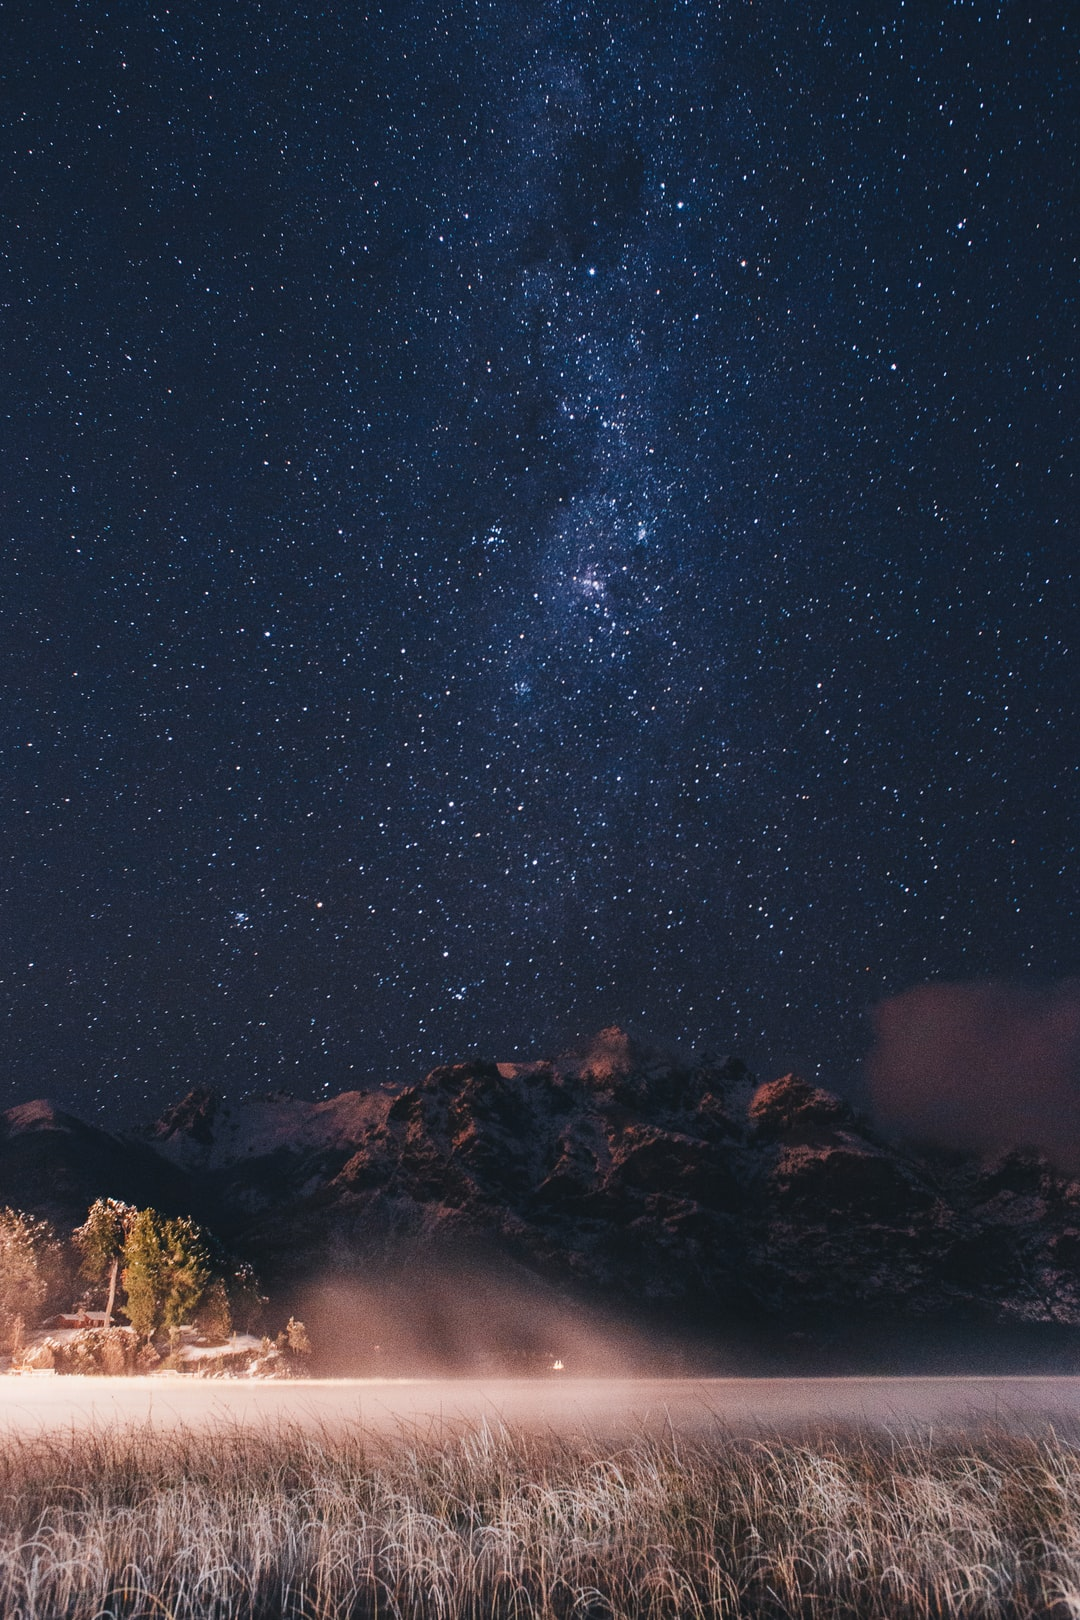 langit malam penuh bintang